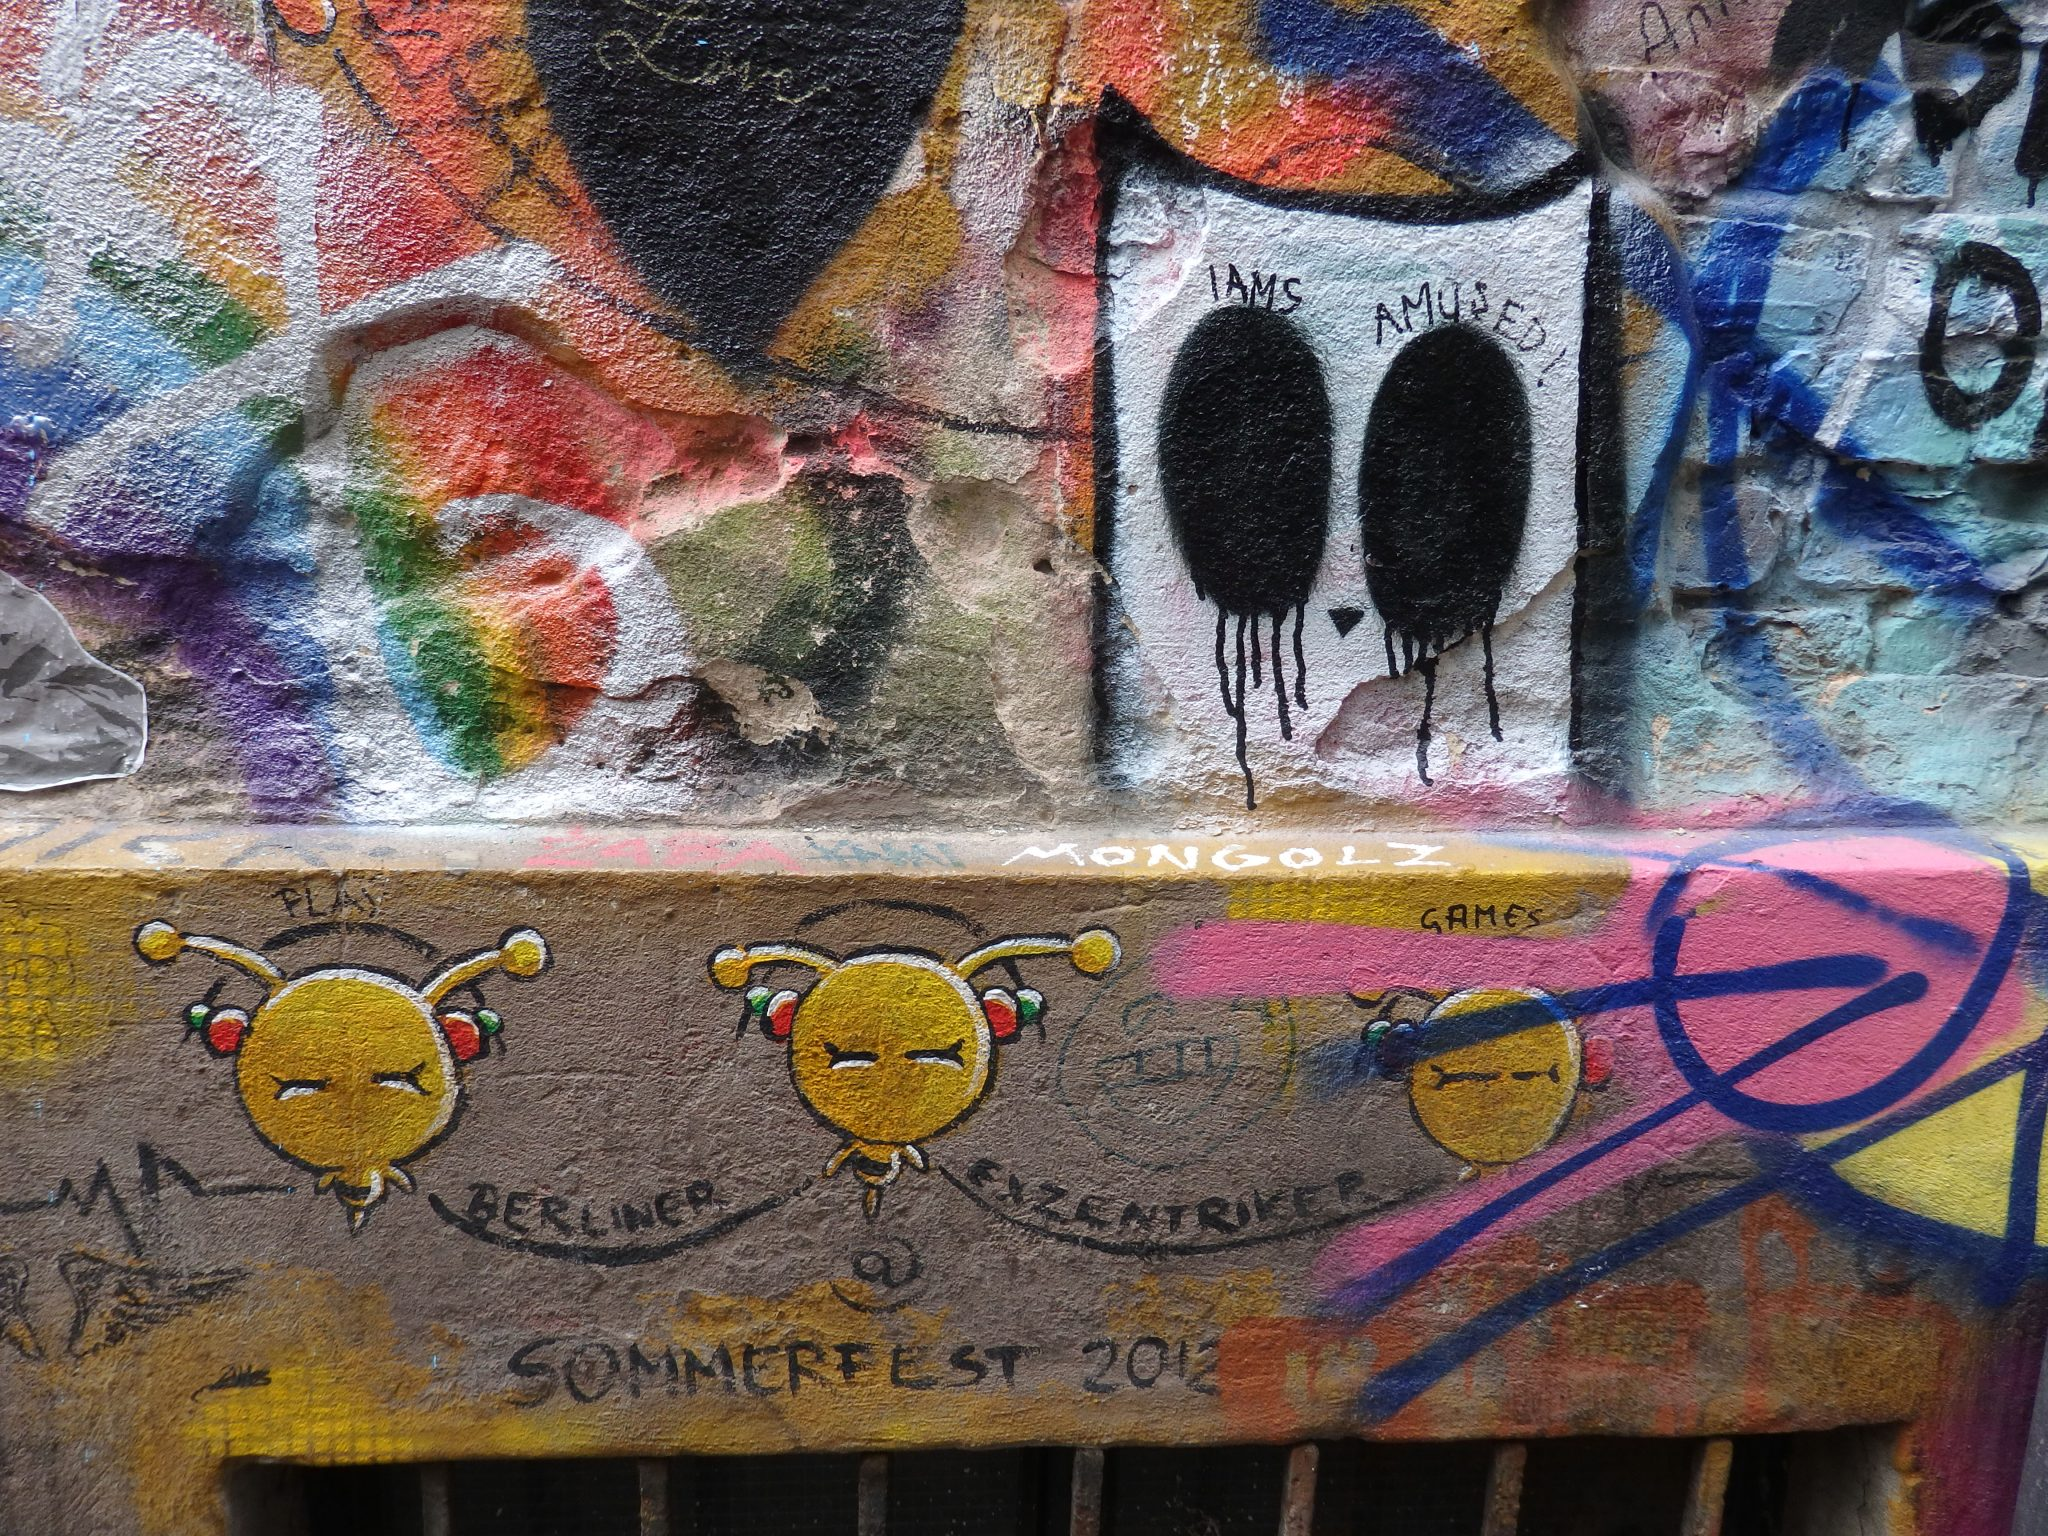 street art near Haus Schwarzenberg, Berlin